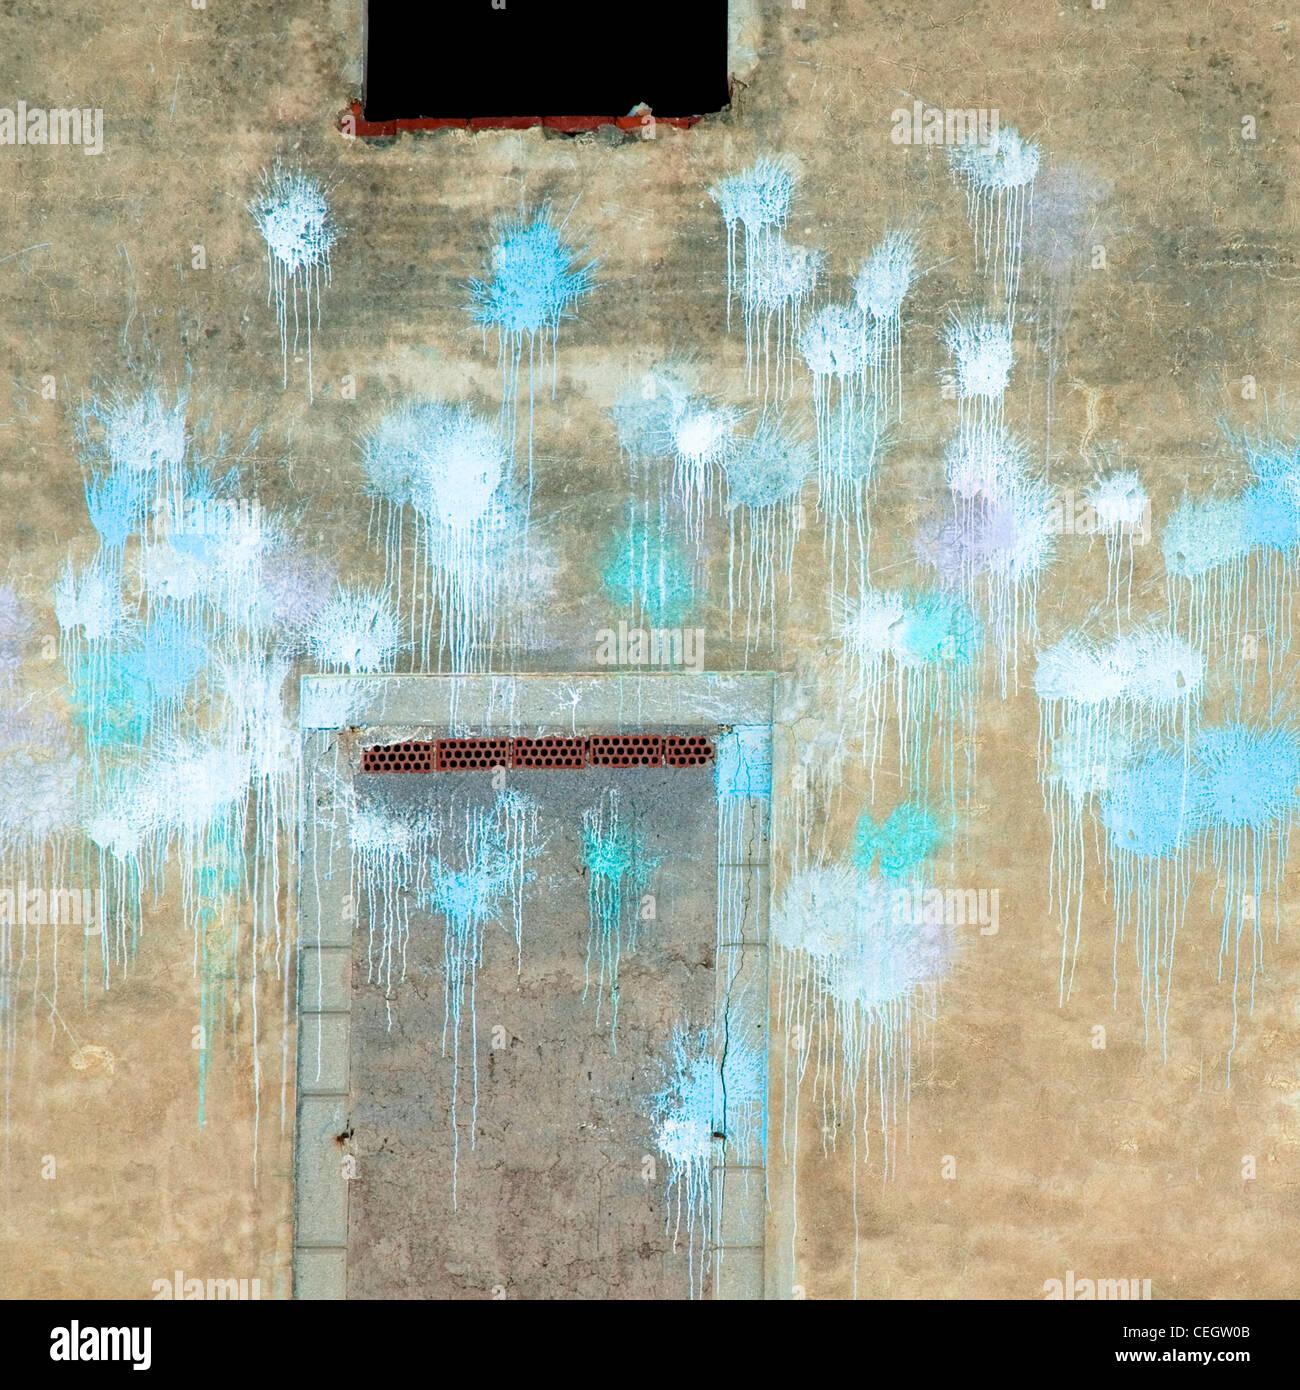 Delante del edificio blanco con manchas de pintura azul Imagen De Stock